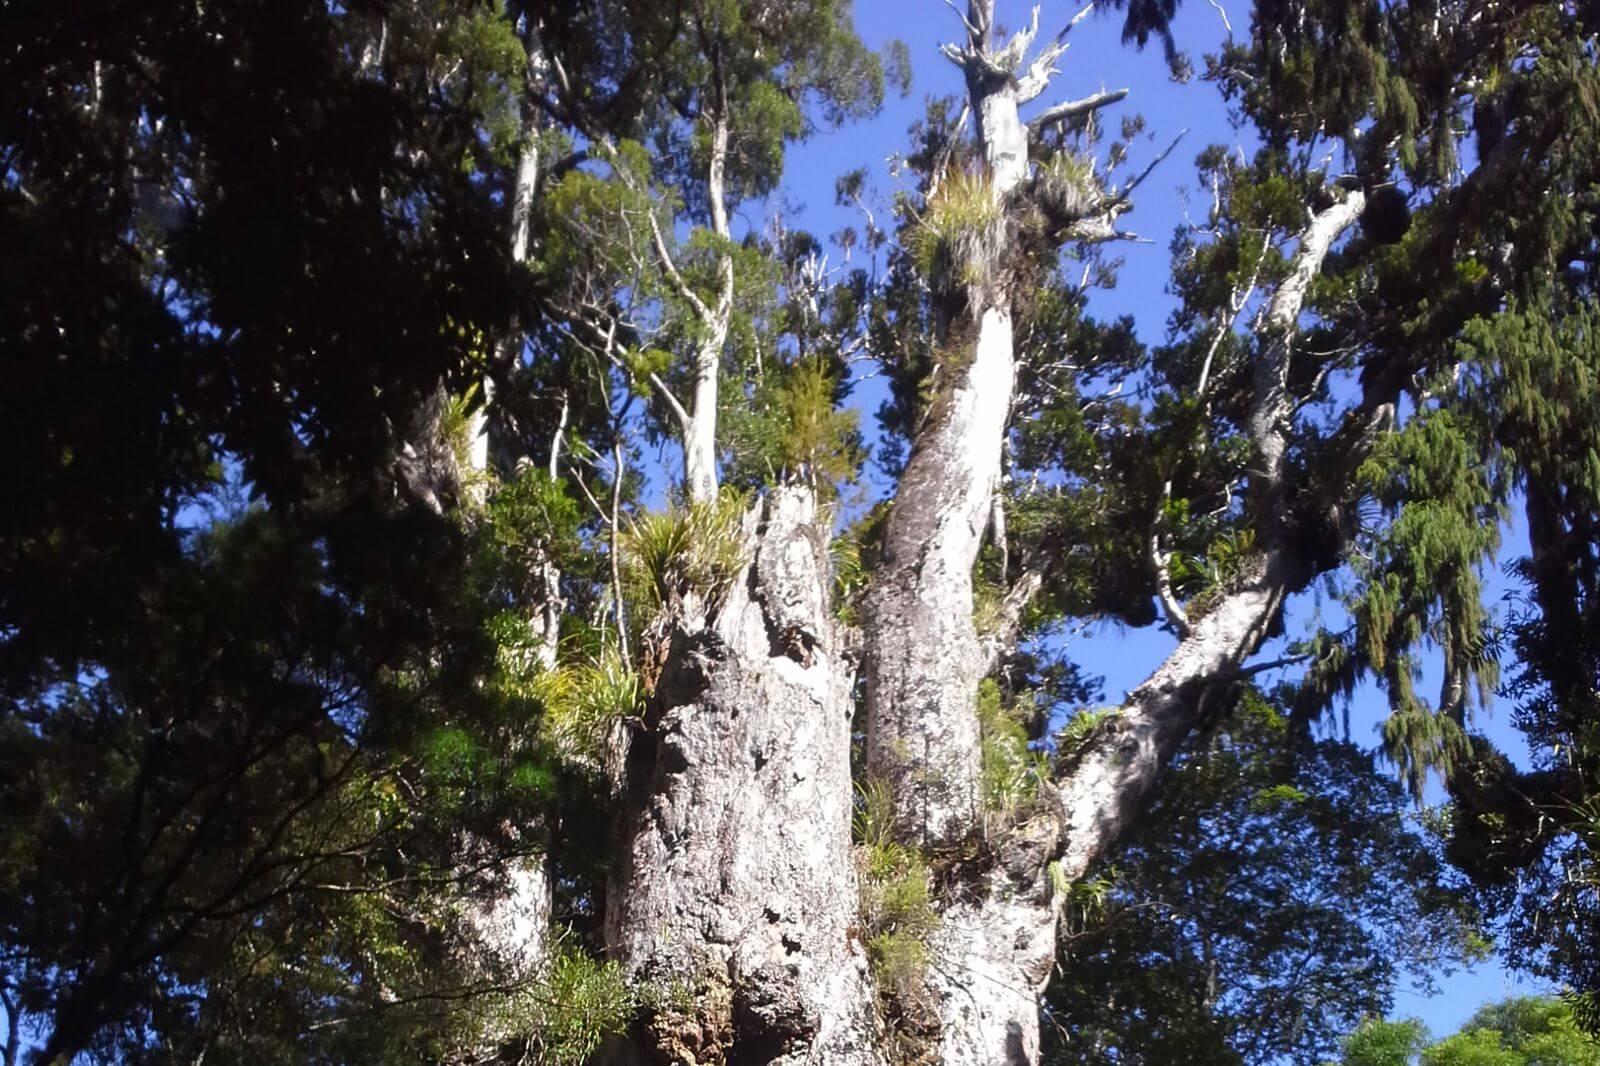 Riesiger uralter Kauri Baum aus Neuseeland, exklusive Massivholztische und Esstische aus alten außergewöhnlichen Hölzern